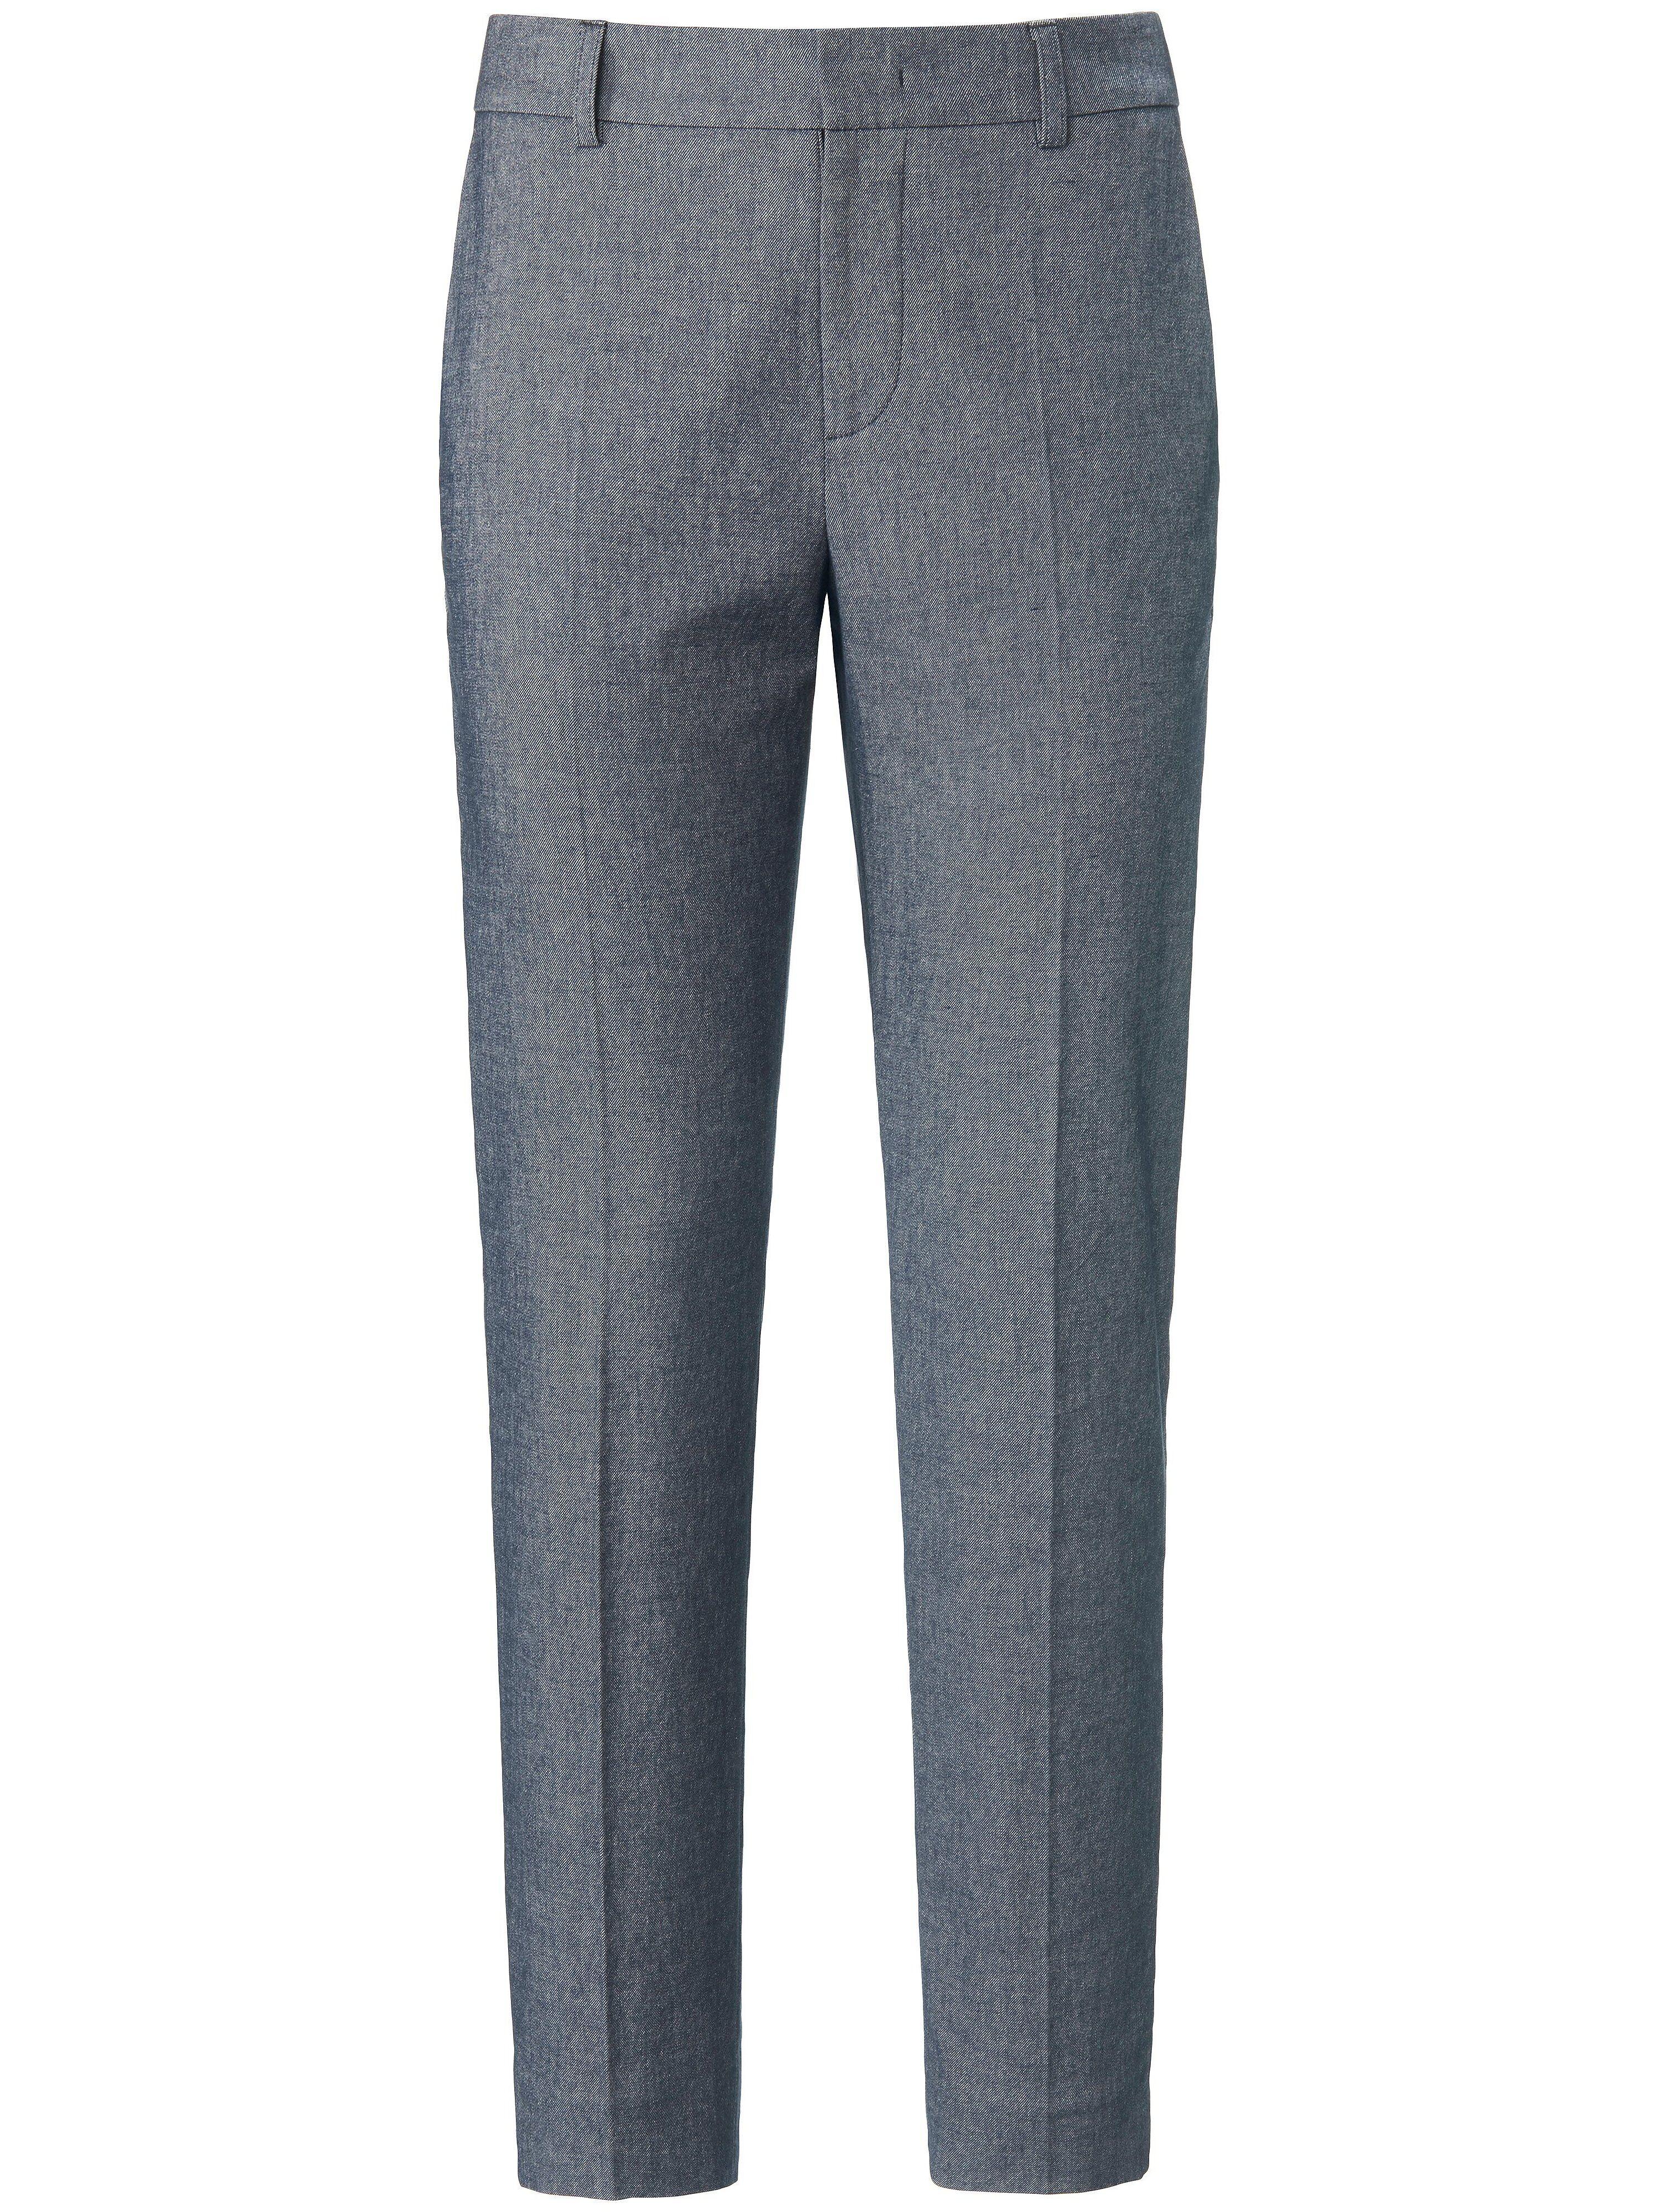 Bogner Le pantalon à plis marqués  Bogner bleu  - Femme - 42